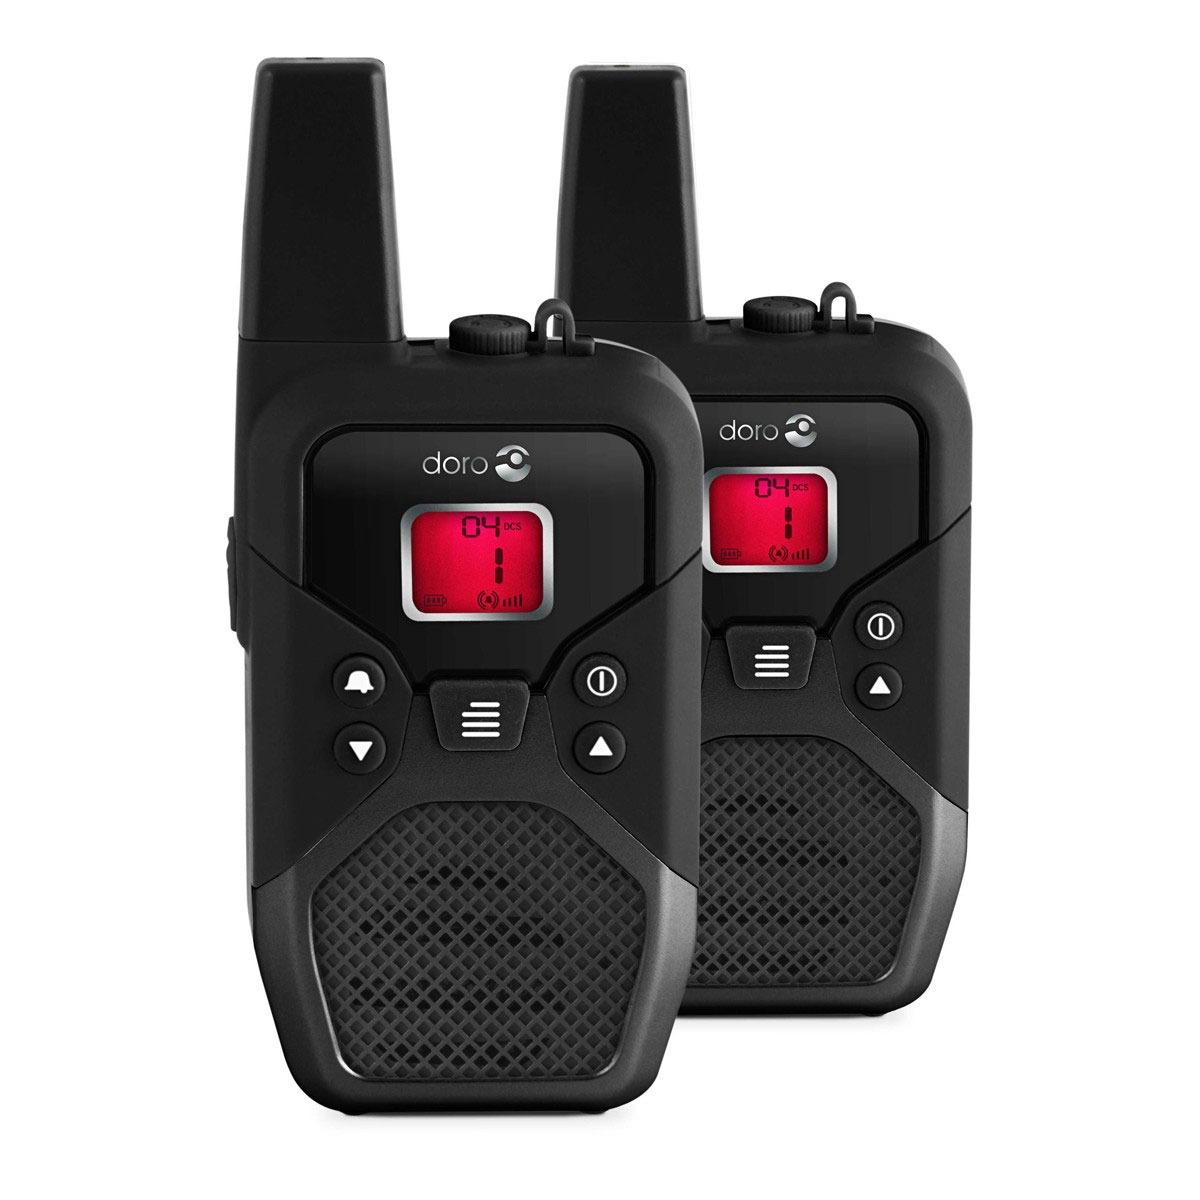 Talkie walkie Doro wt91x pro Doro wt91x pro - Pack de 2 Talkie-Walkies portée 10 km